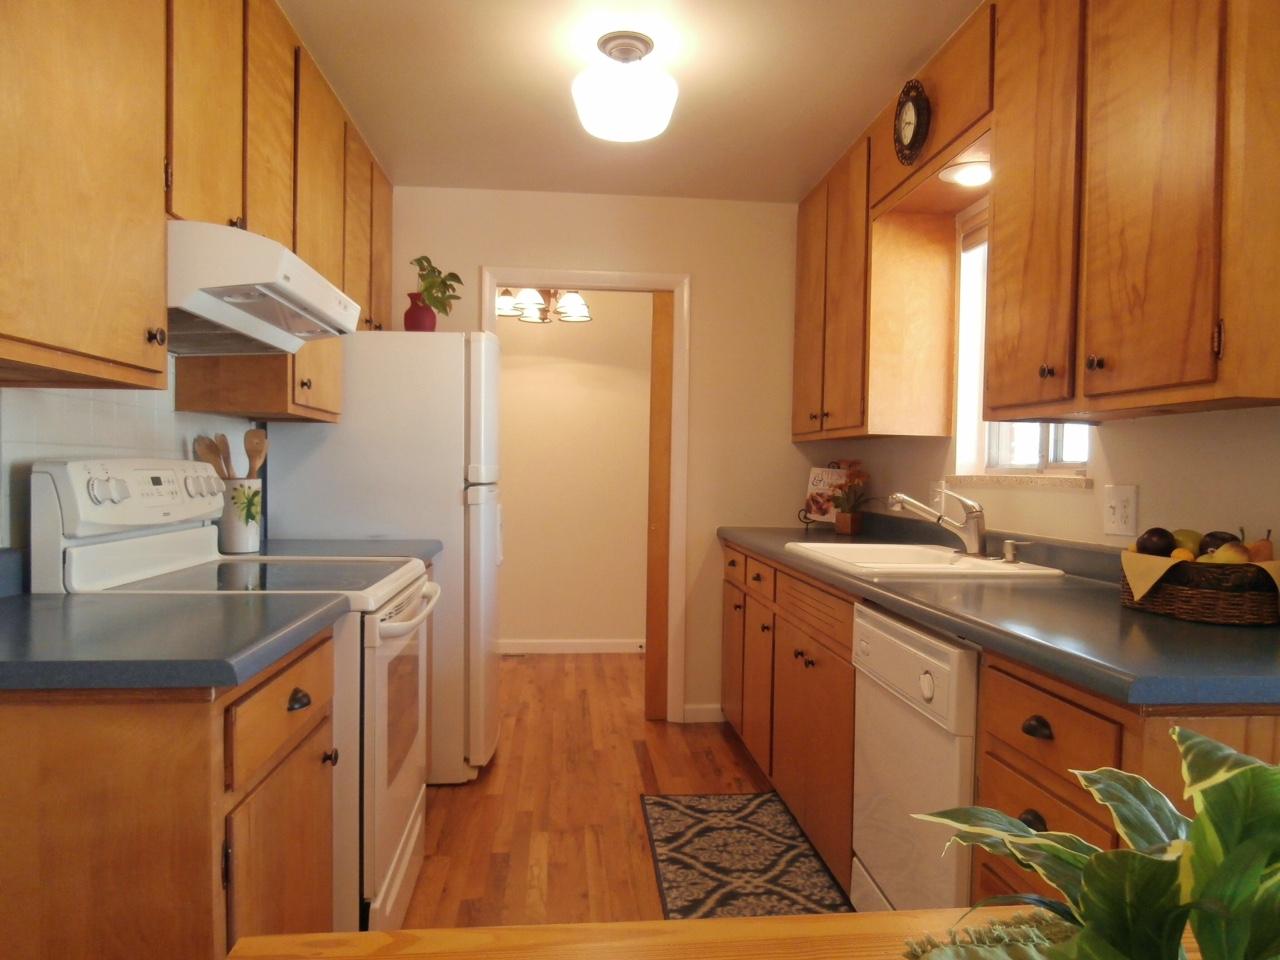 All kitchen